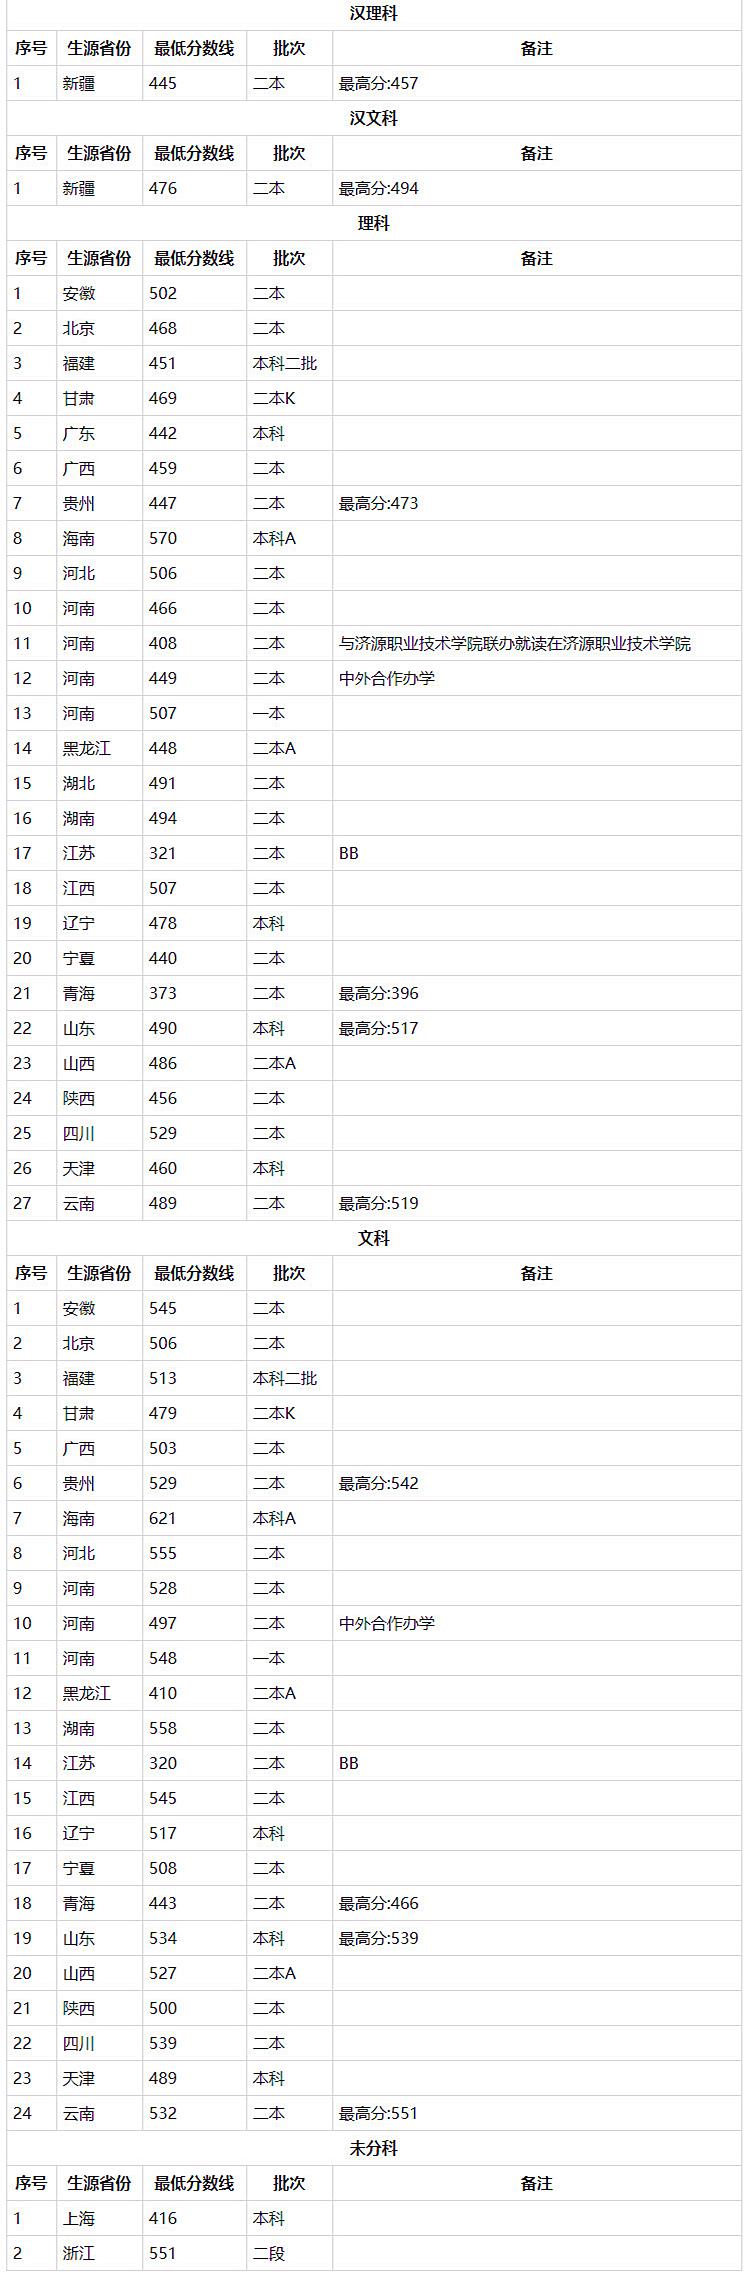 大学介绍:郑州轻工业大学简介